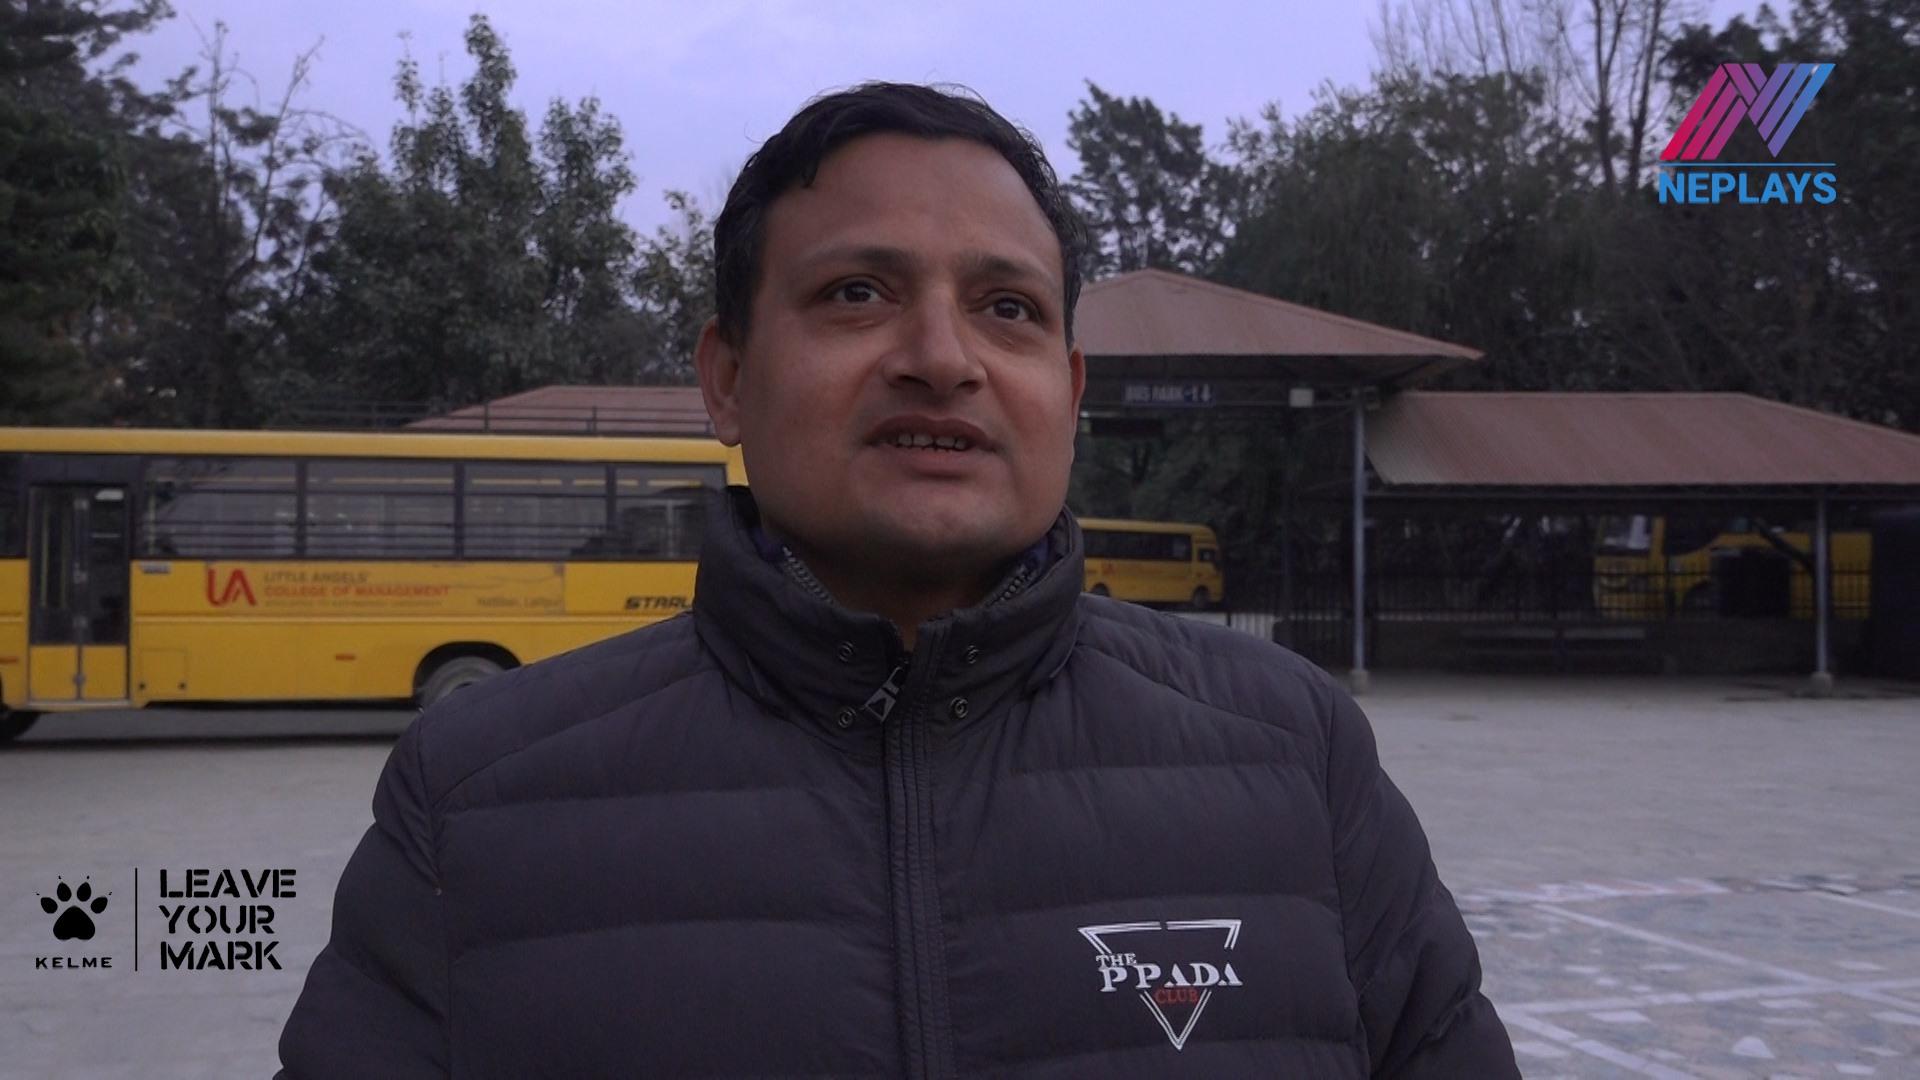 टी-२० मा बढि अभ्यस्त हुँदा एकदिवसीयमा नेपाली टिम कमजाेर – सञ्जम रेग्मी